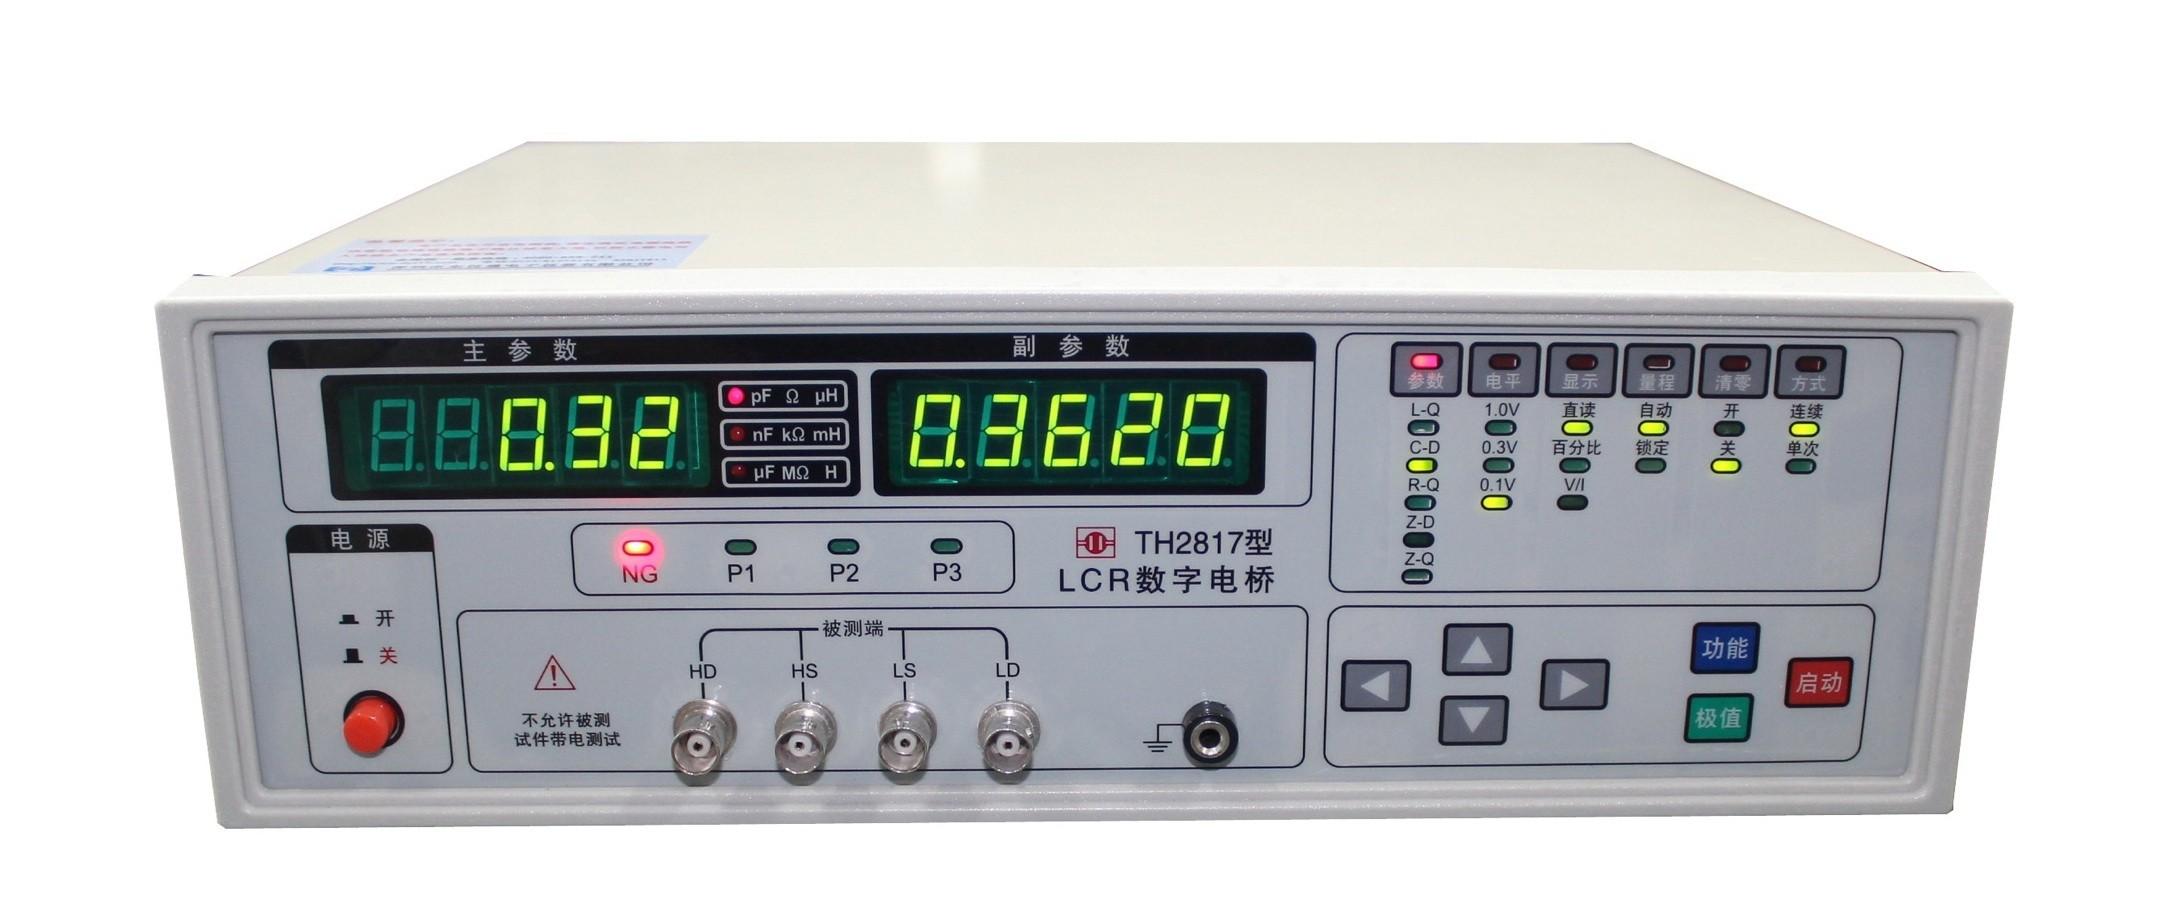 lcr数字电桥-线束中国